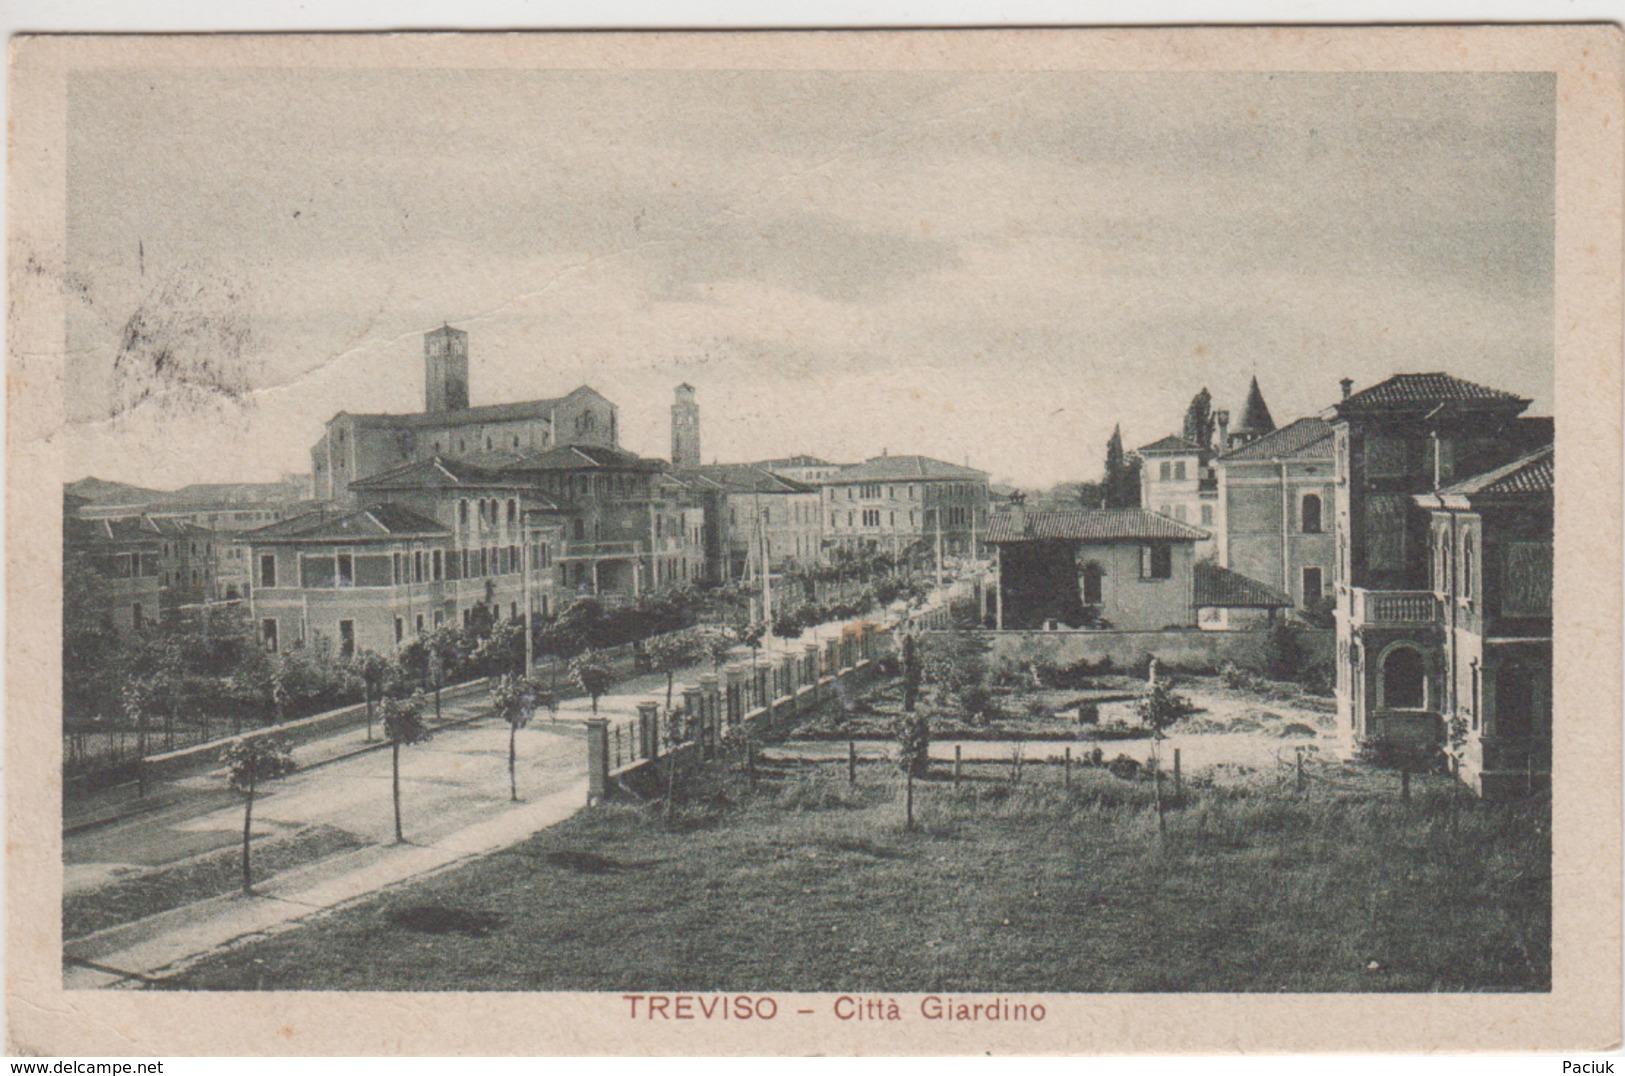 Treviso - Città Giardino - Treviso